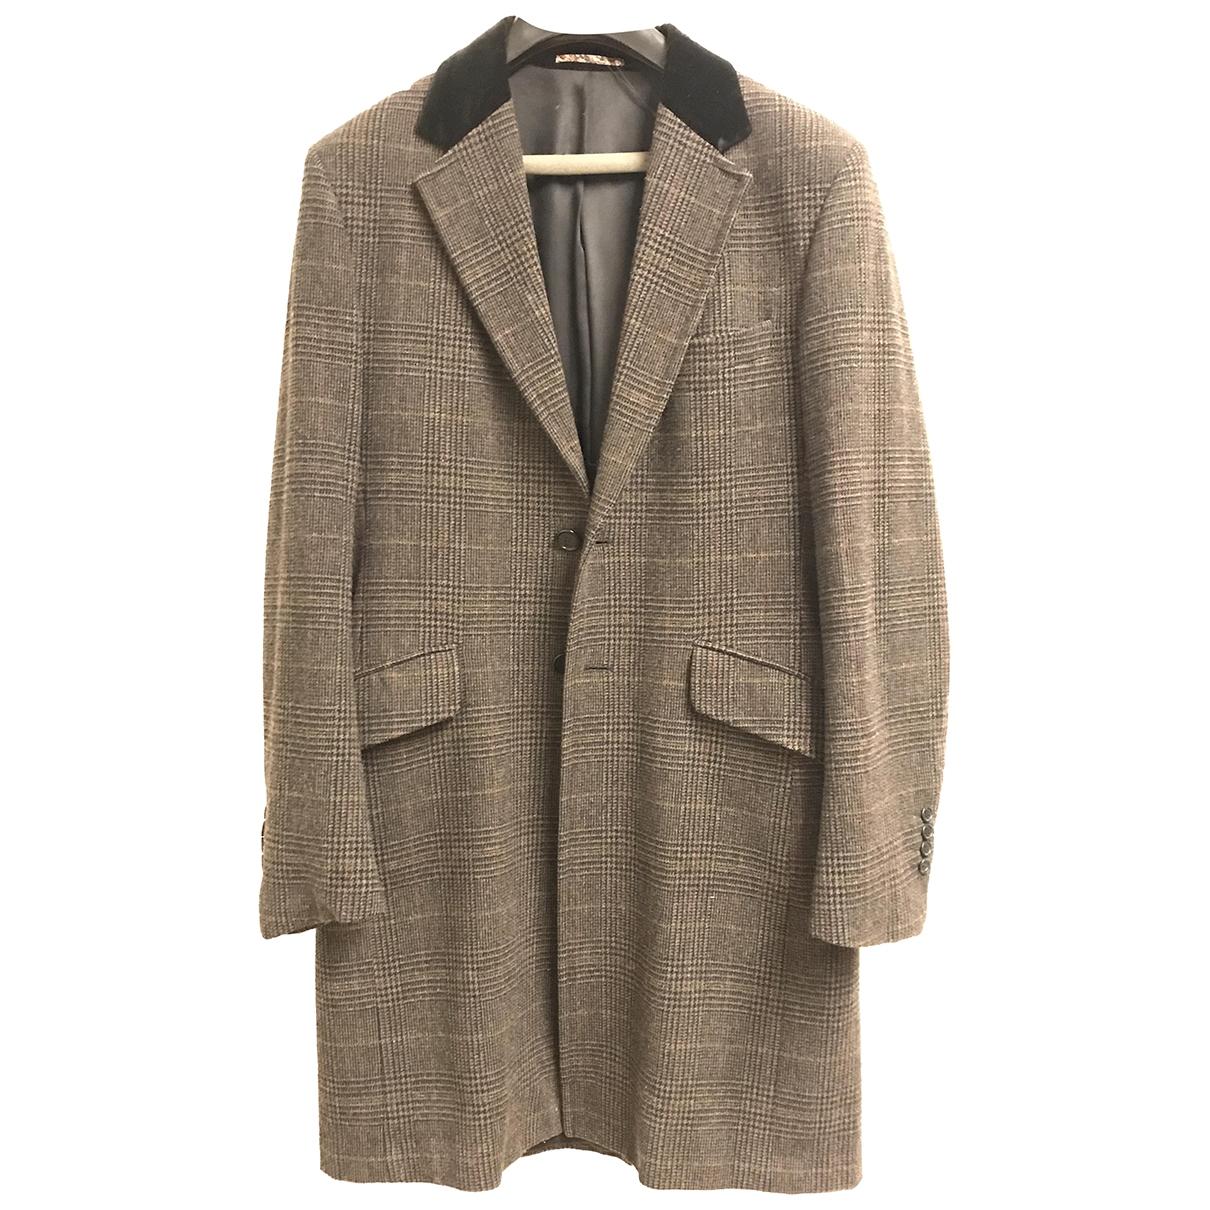 Paul Smith - Manteau   pour homme en coton - marron